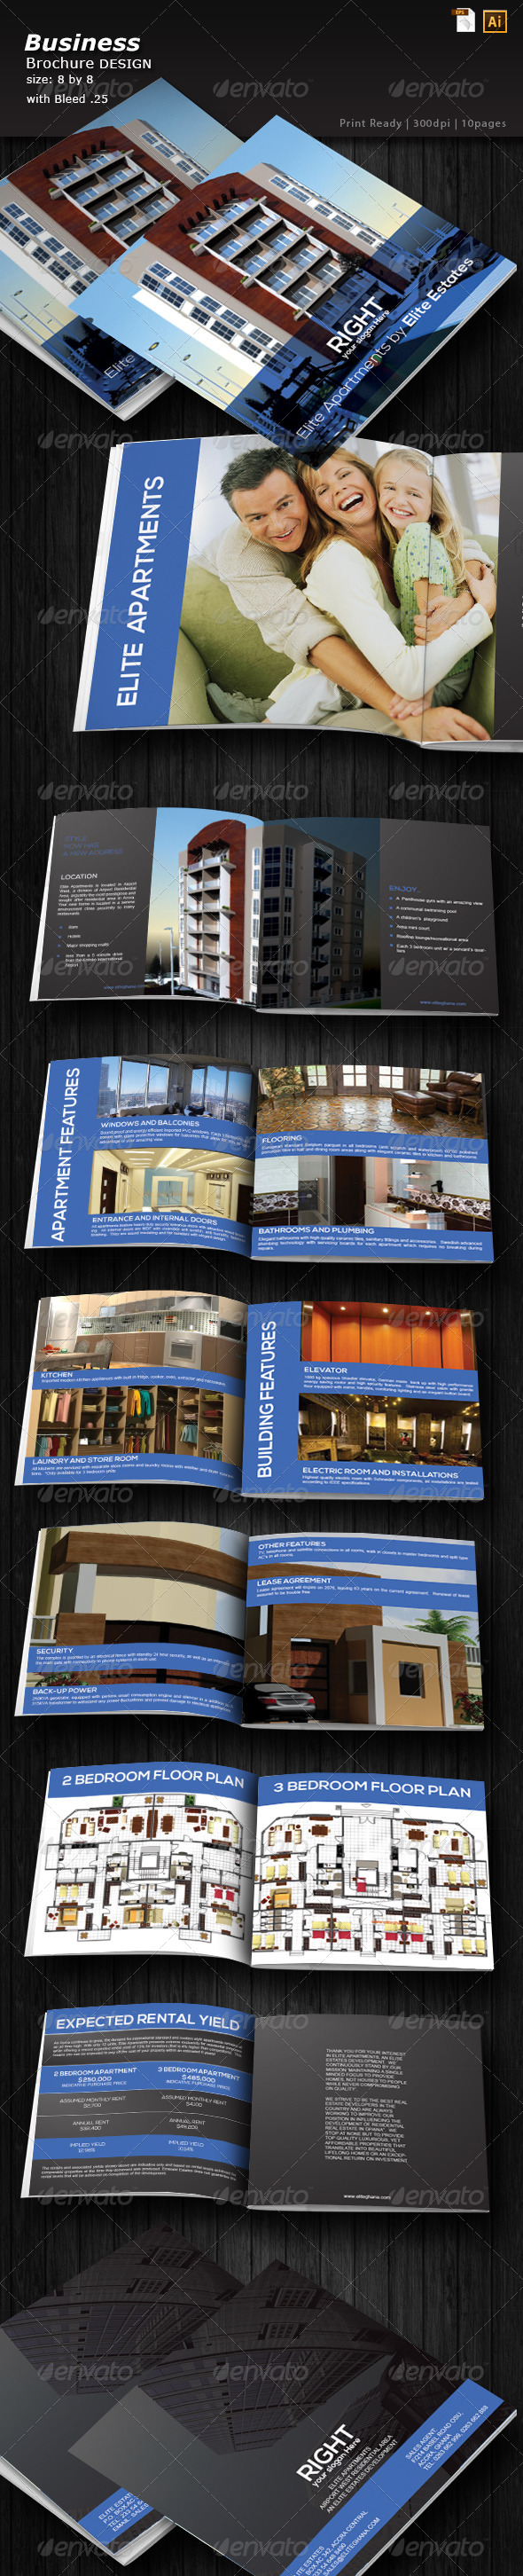 GraphicRiver Architecture Portfolio Brochure 6274273